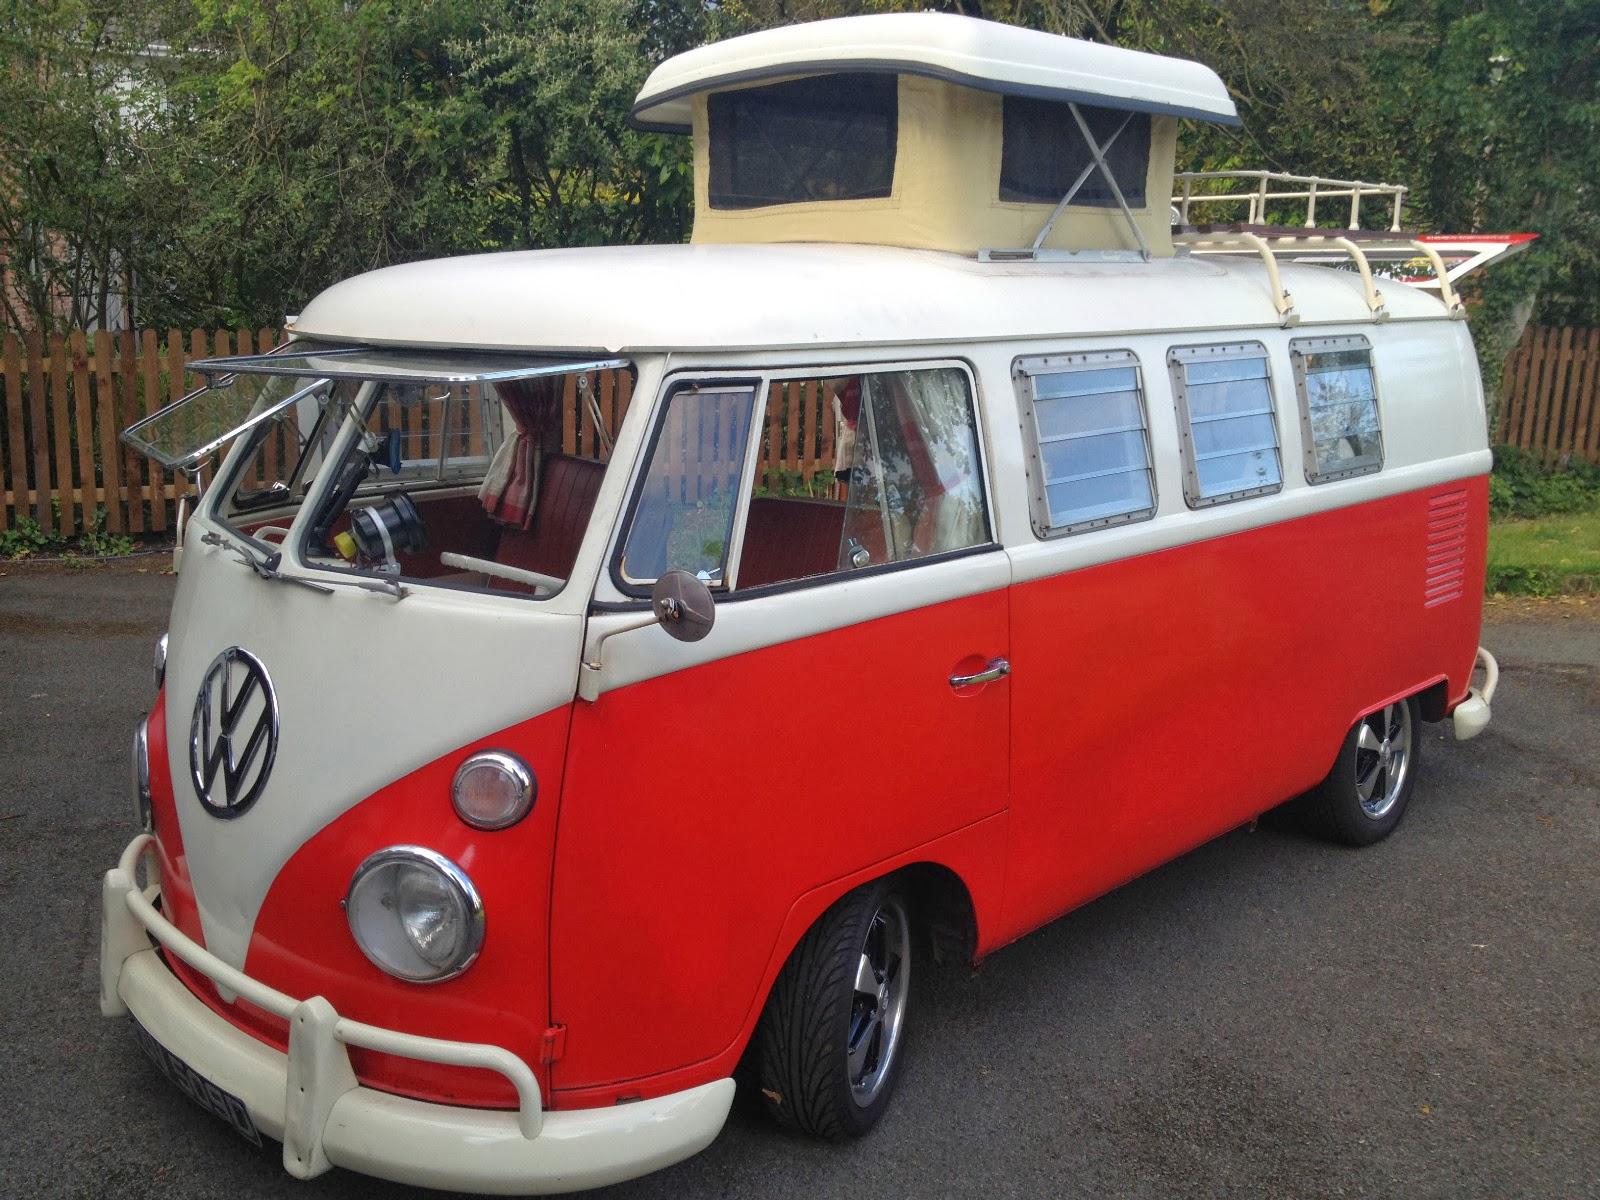 1966 vw splitscreen camper vw bus. Black Bedroom Furniture Sets. Home Design Ideas